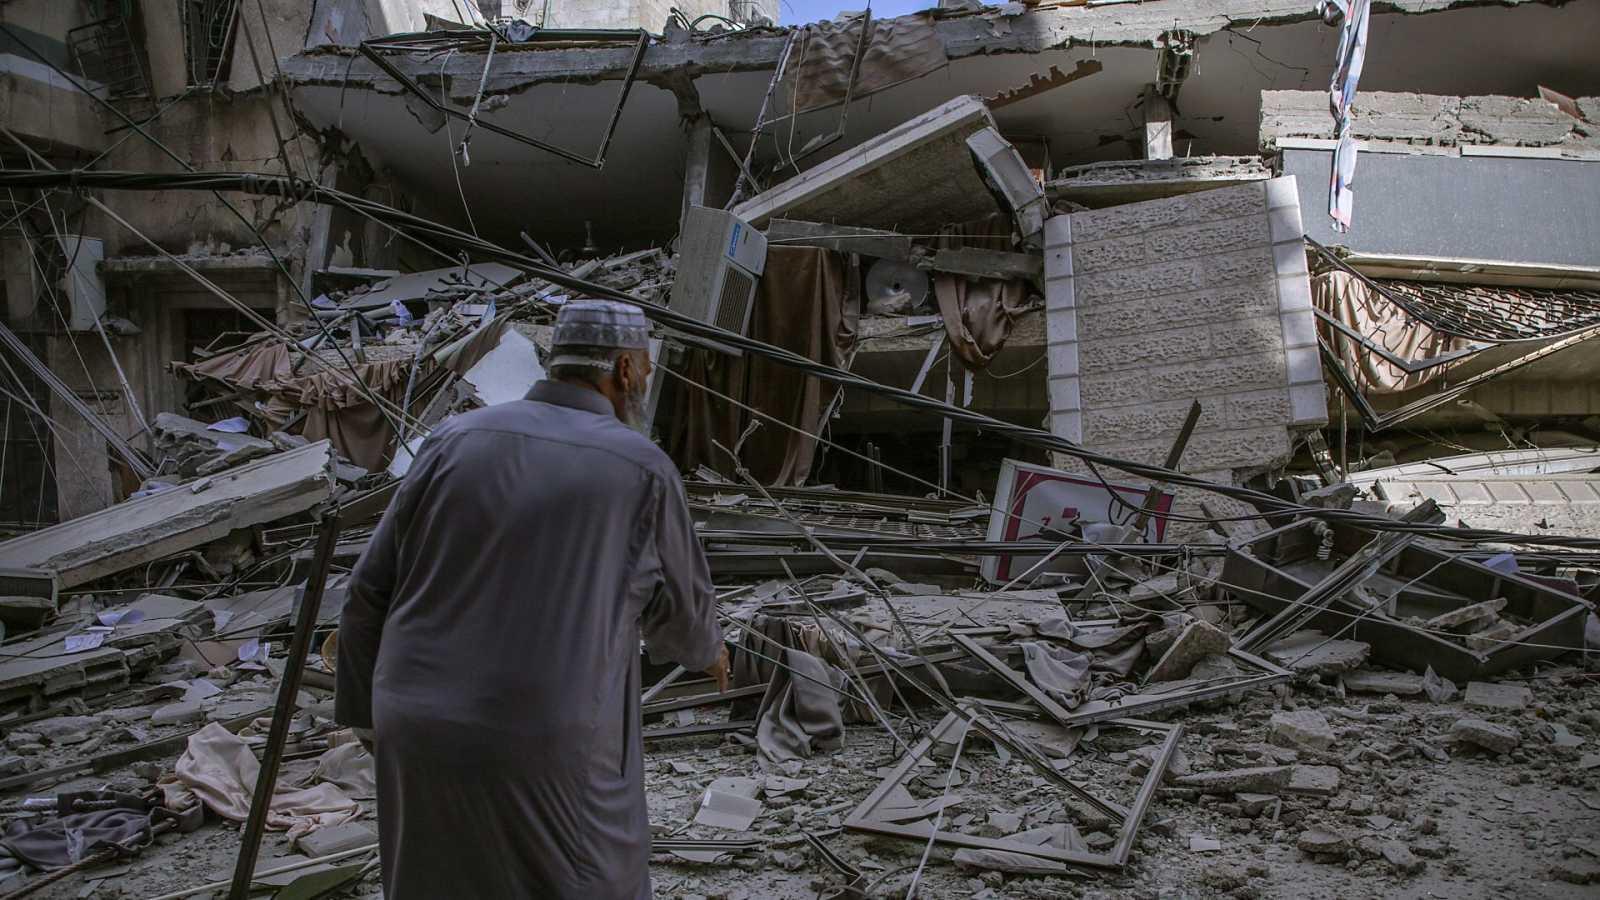 Un palestino observa los destrozos de una vivienda tras un ataque aéreo israelí en la Franja de Gaza